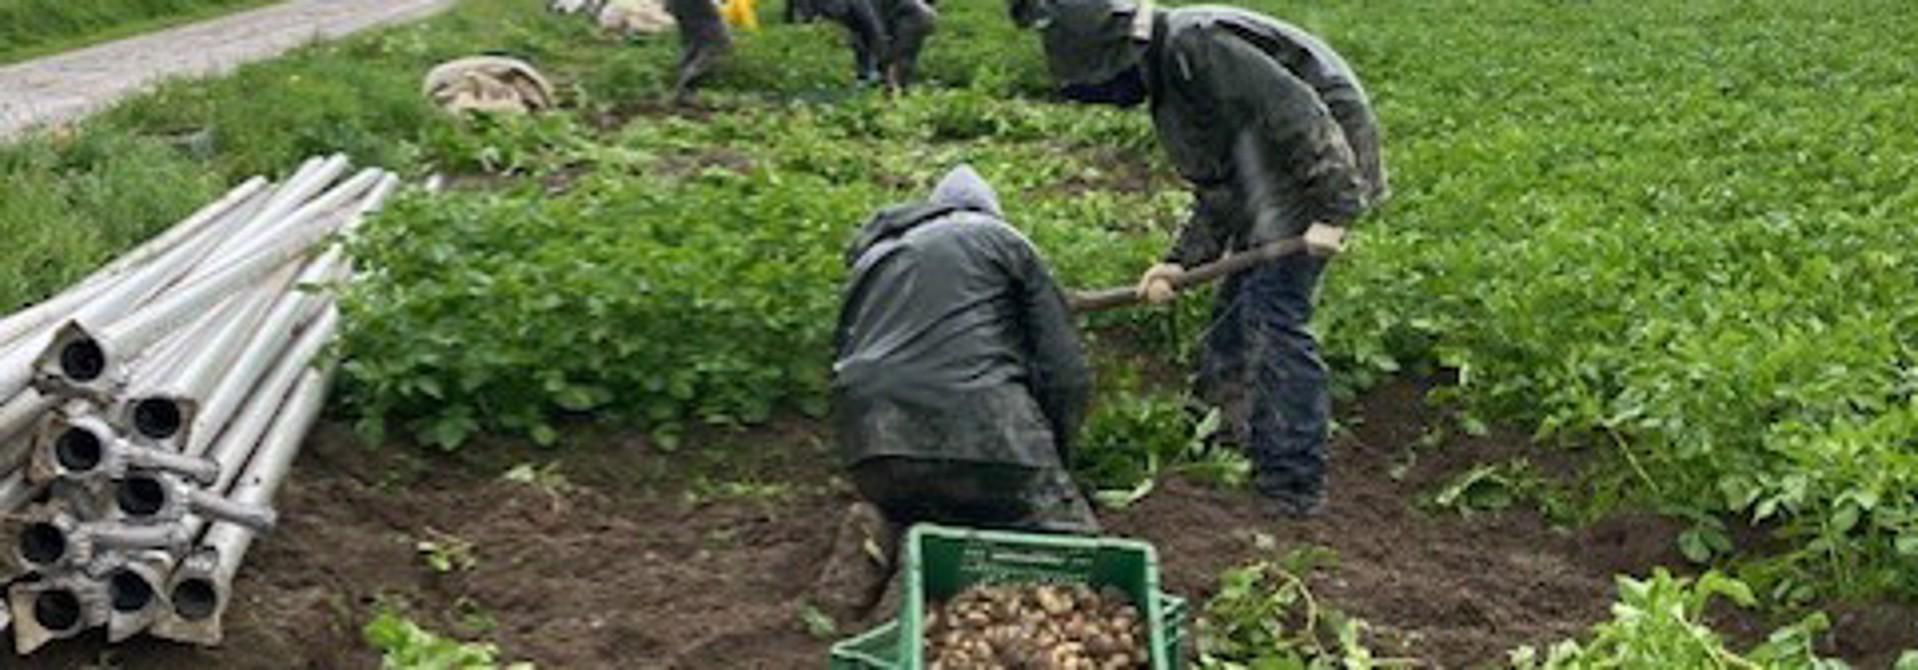 Kartoffelernte unter nassen Bedingungen>